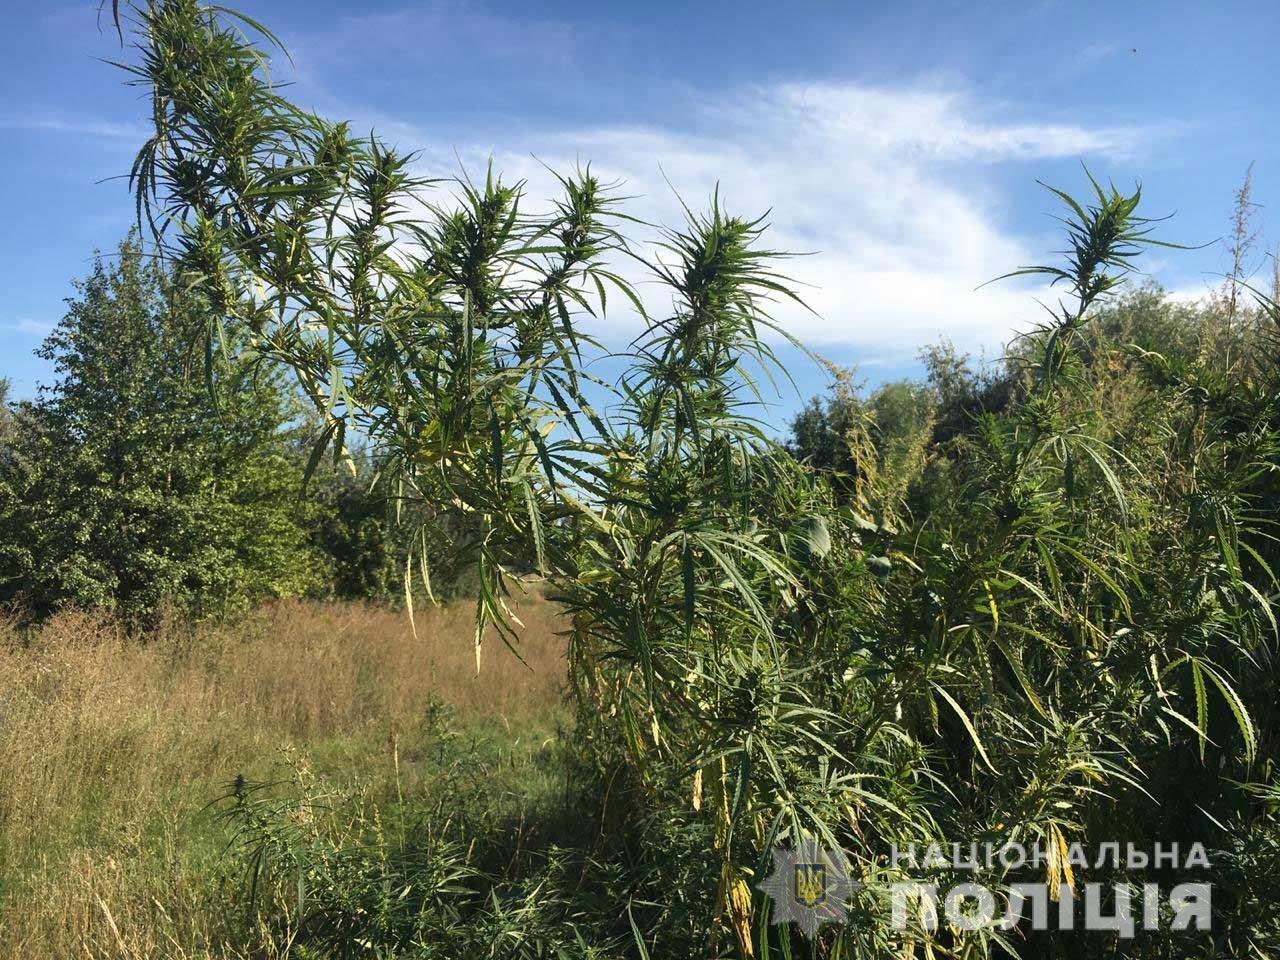 На Днепропетровщине обнаружили конопляную плантацию, фото-2